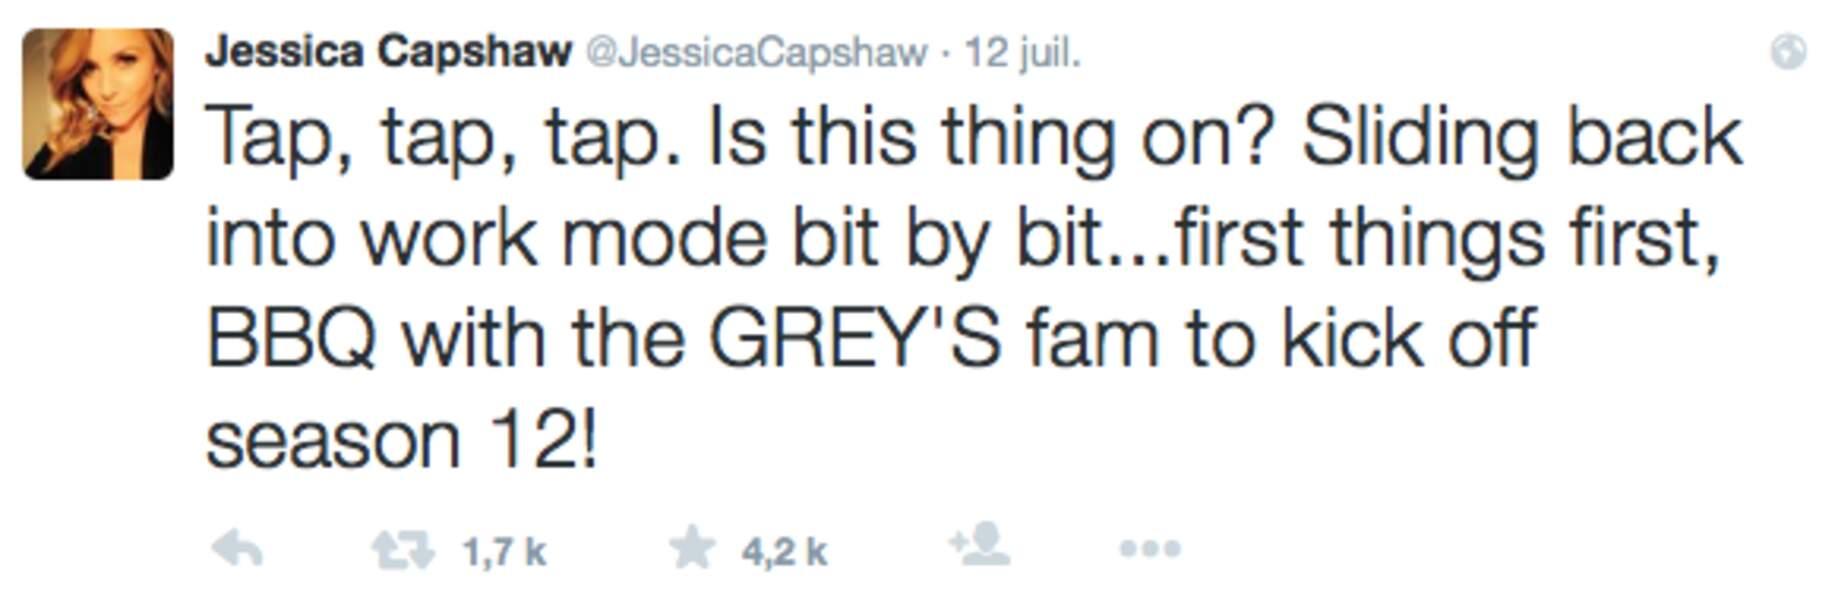 ...tout comme sa partenaire de jeu Jessica Capshaw